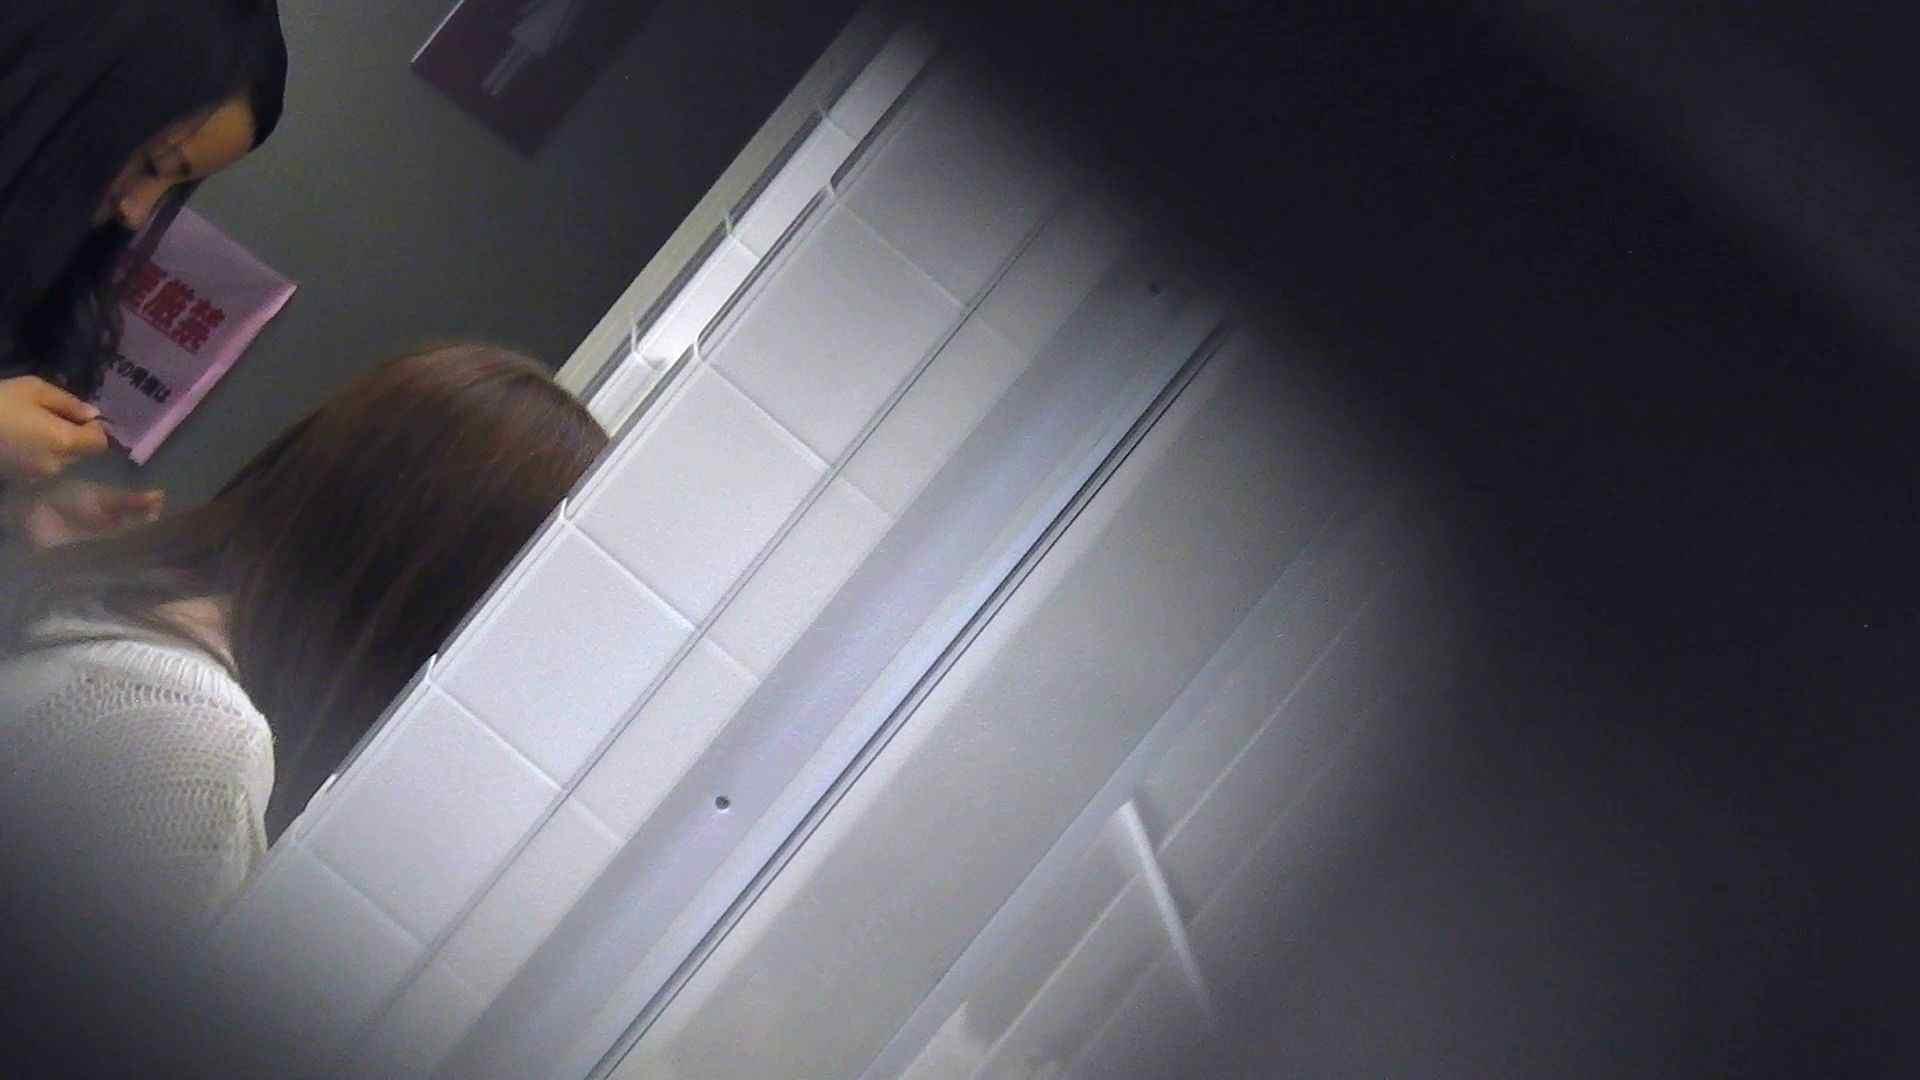 vol.03 命がけ潜伏洗面所! 薄毛がたまりません。 洗面所 | プライベート投稿  81PIX 73